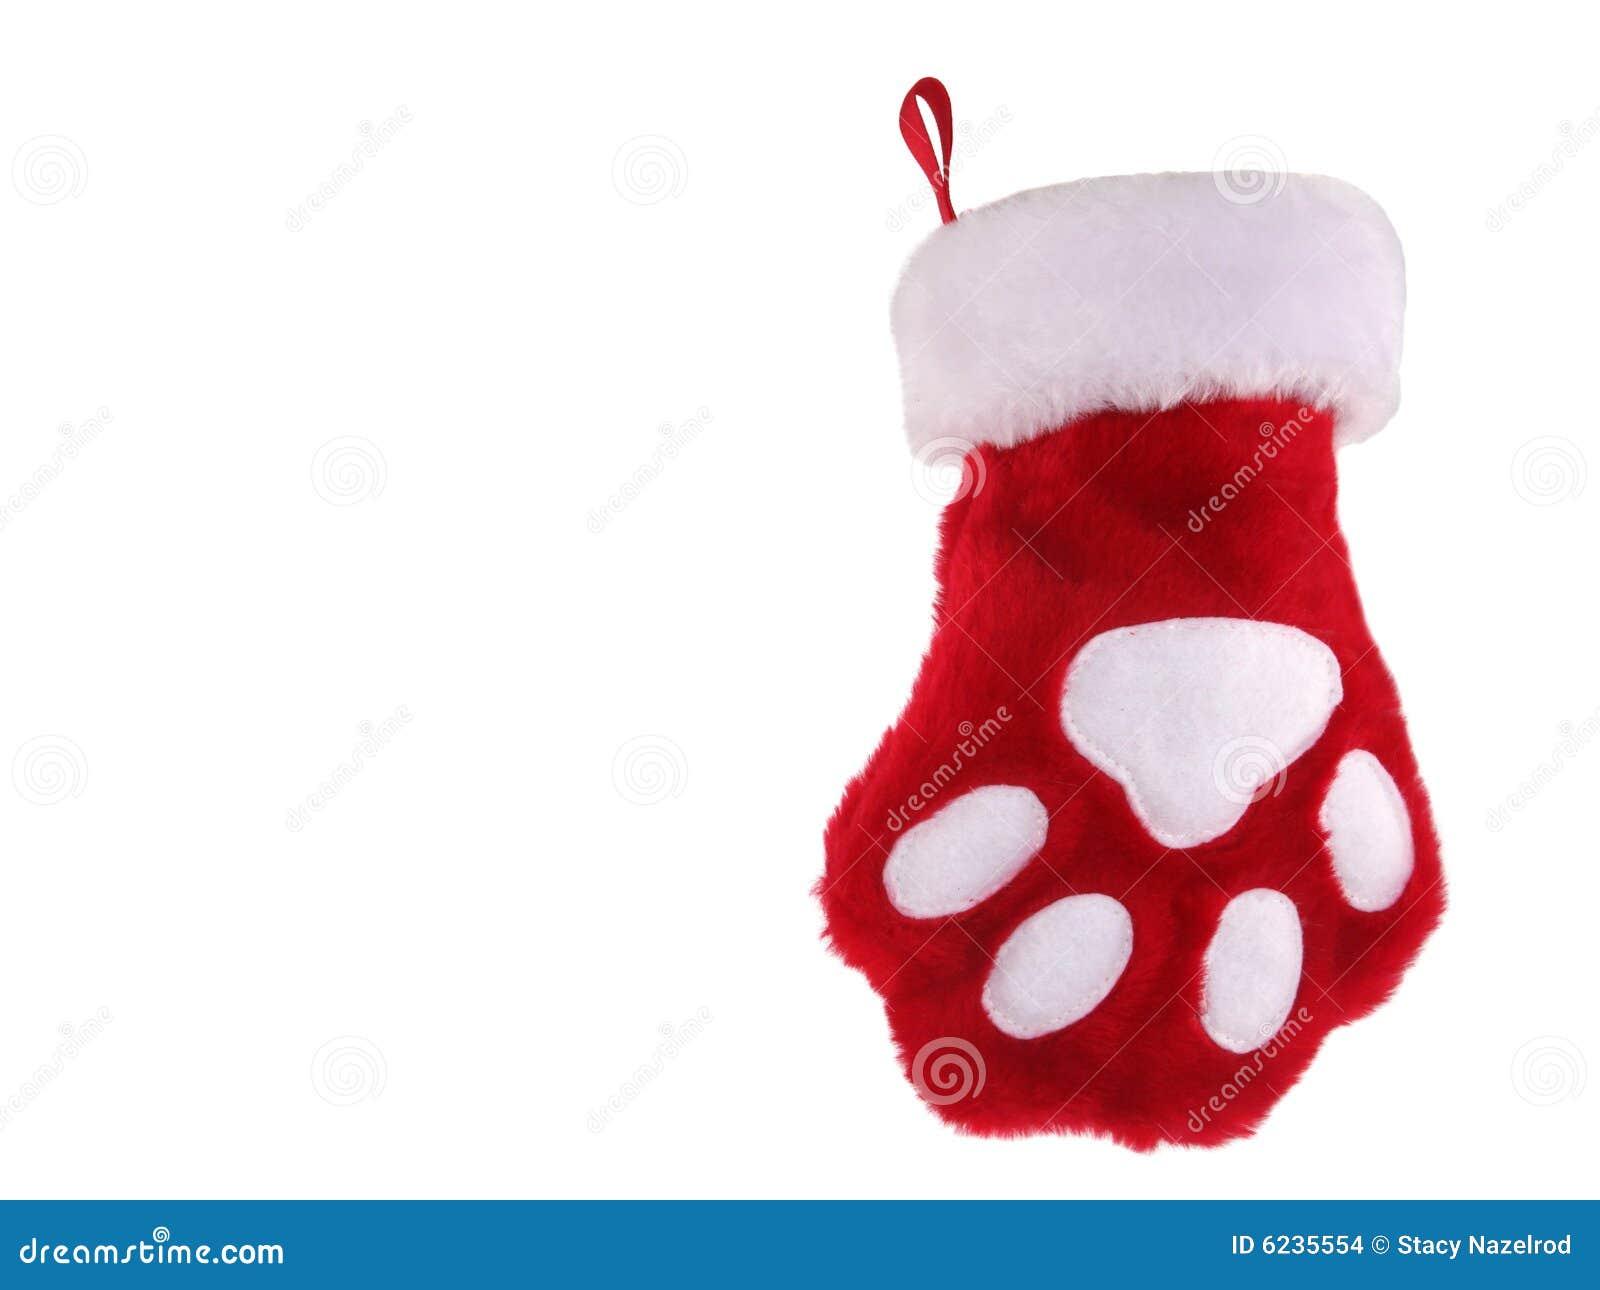 Babbo Natale Zampa.Calza Della Zampa Di Natale Fotografia Stock Immagine Di Isolato